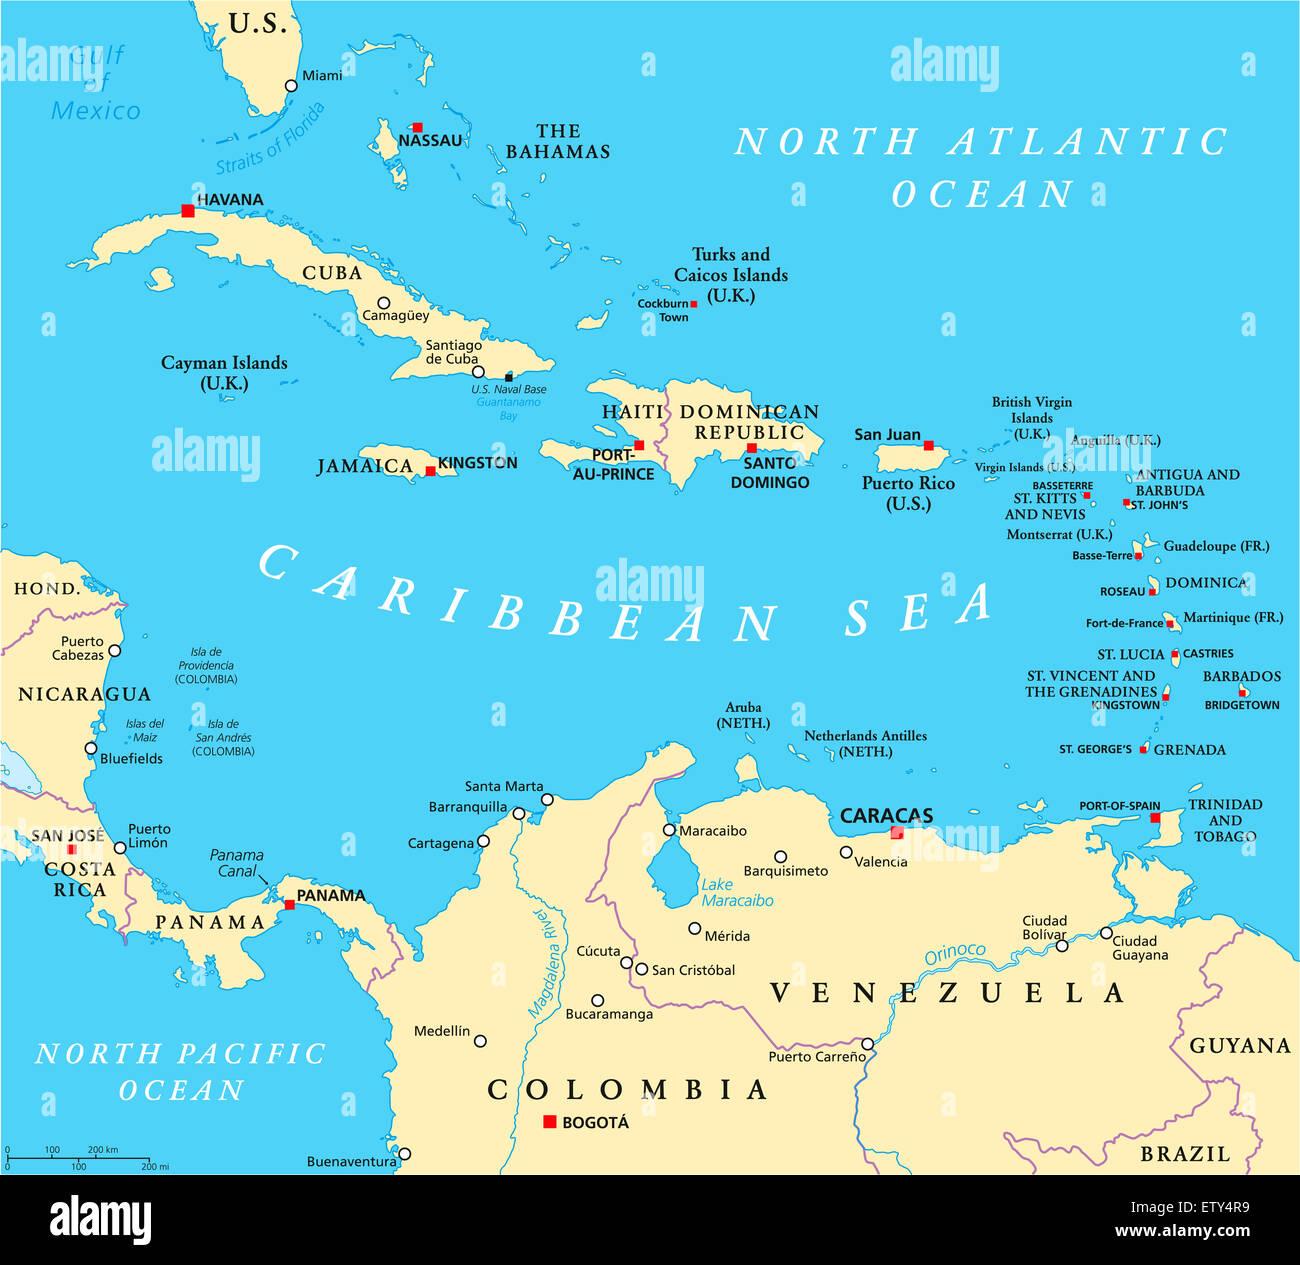 Caribbean Map Stock Photos & Caribbean Map Stock Images - Alamy